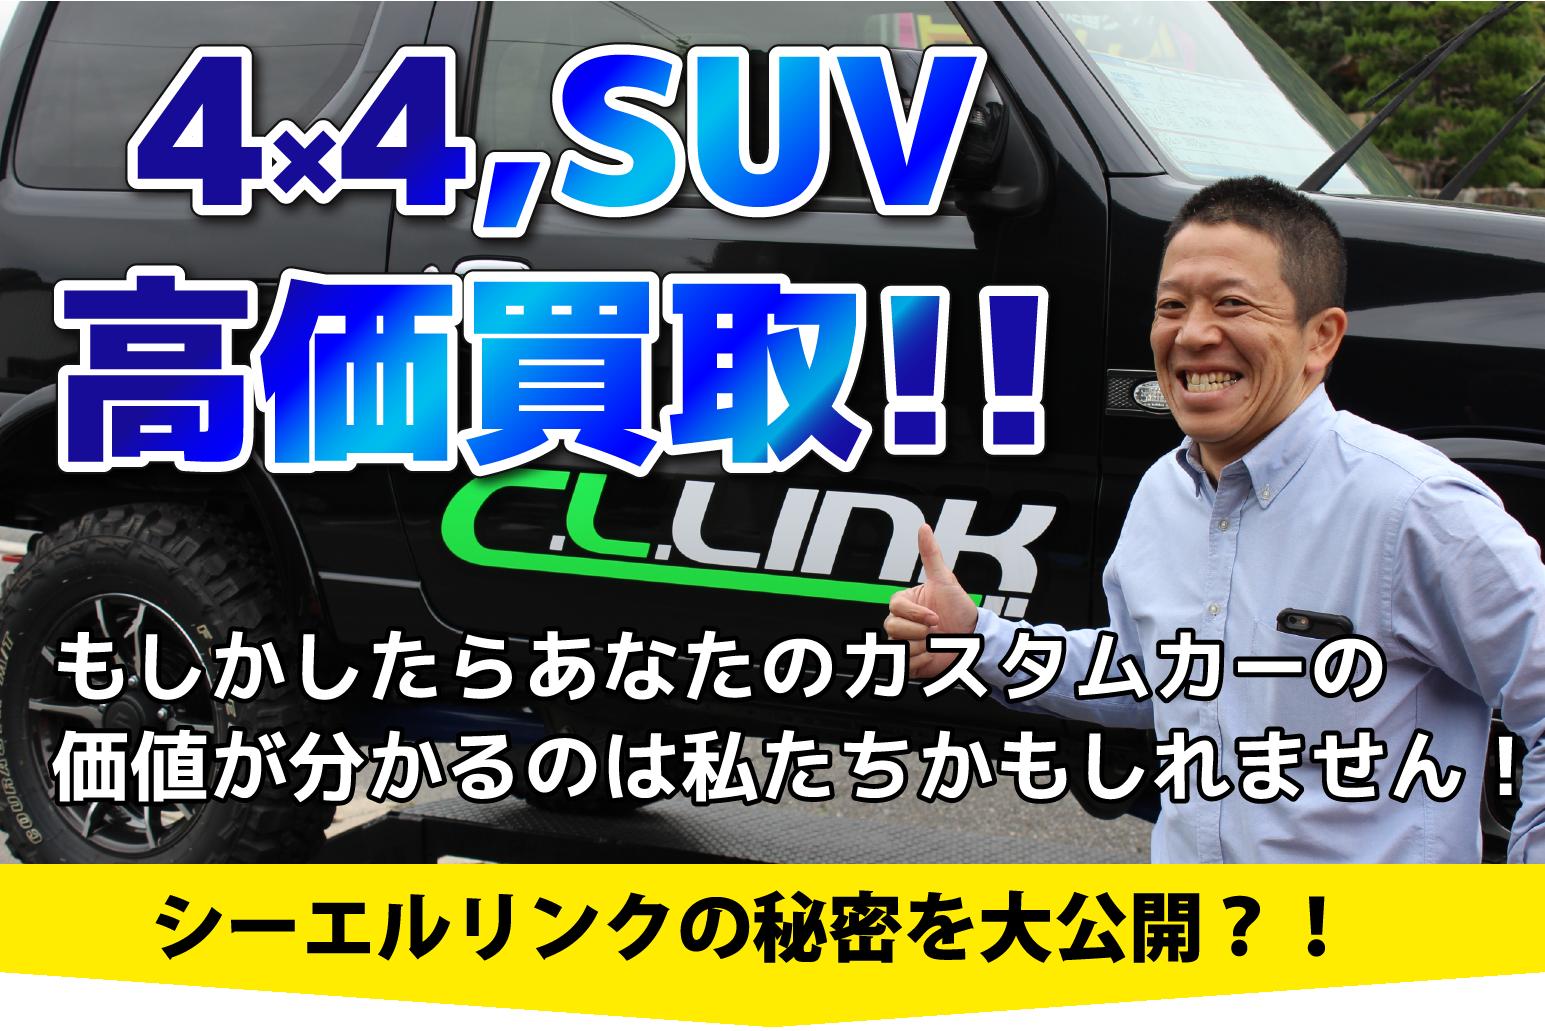 4×4,SUV高価買取します!